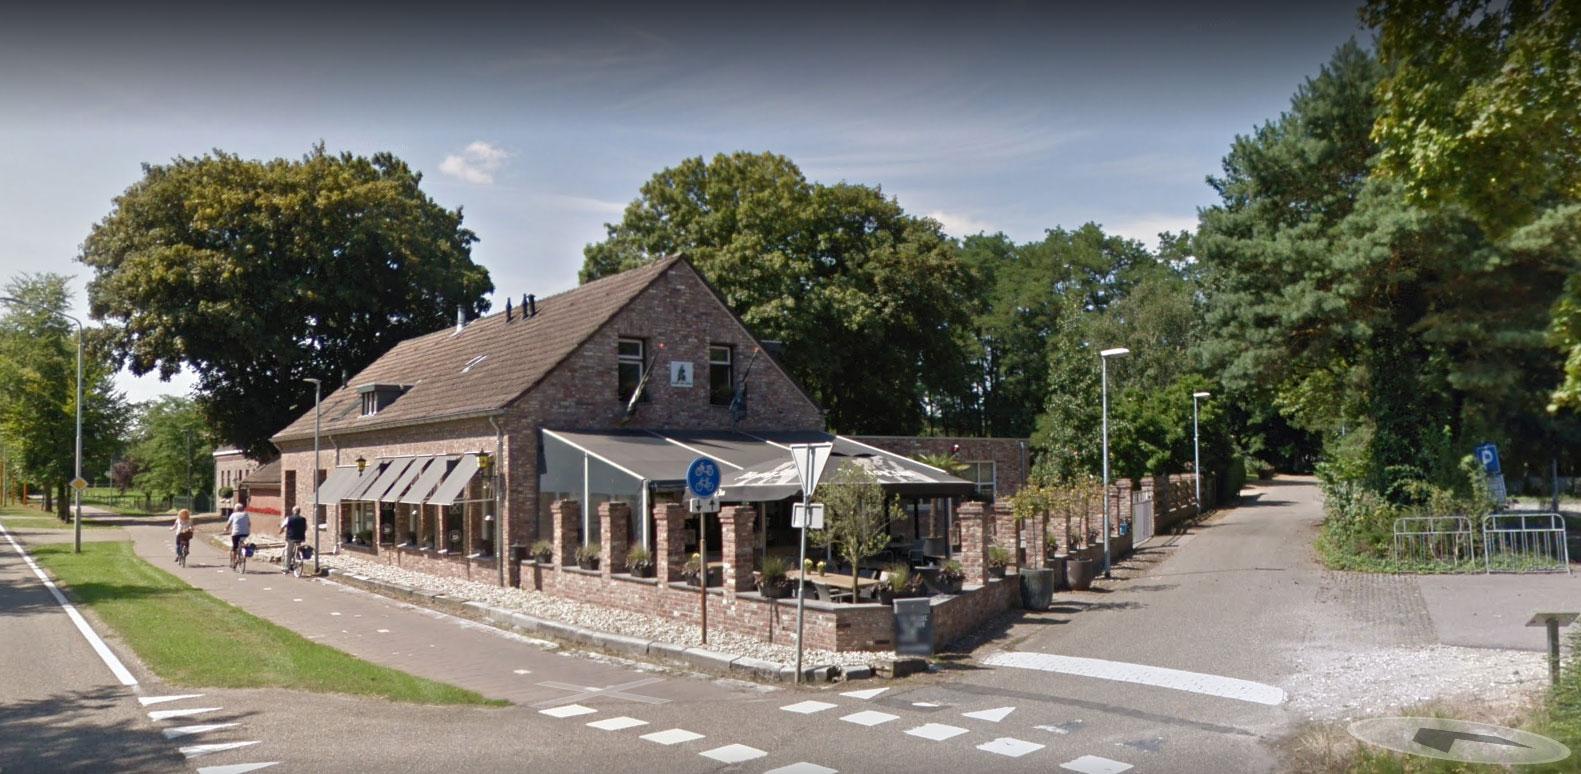 Horecavloer Venlo – kunststof vloer keuken restaurant Venlo (HACCP)